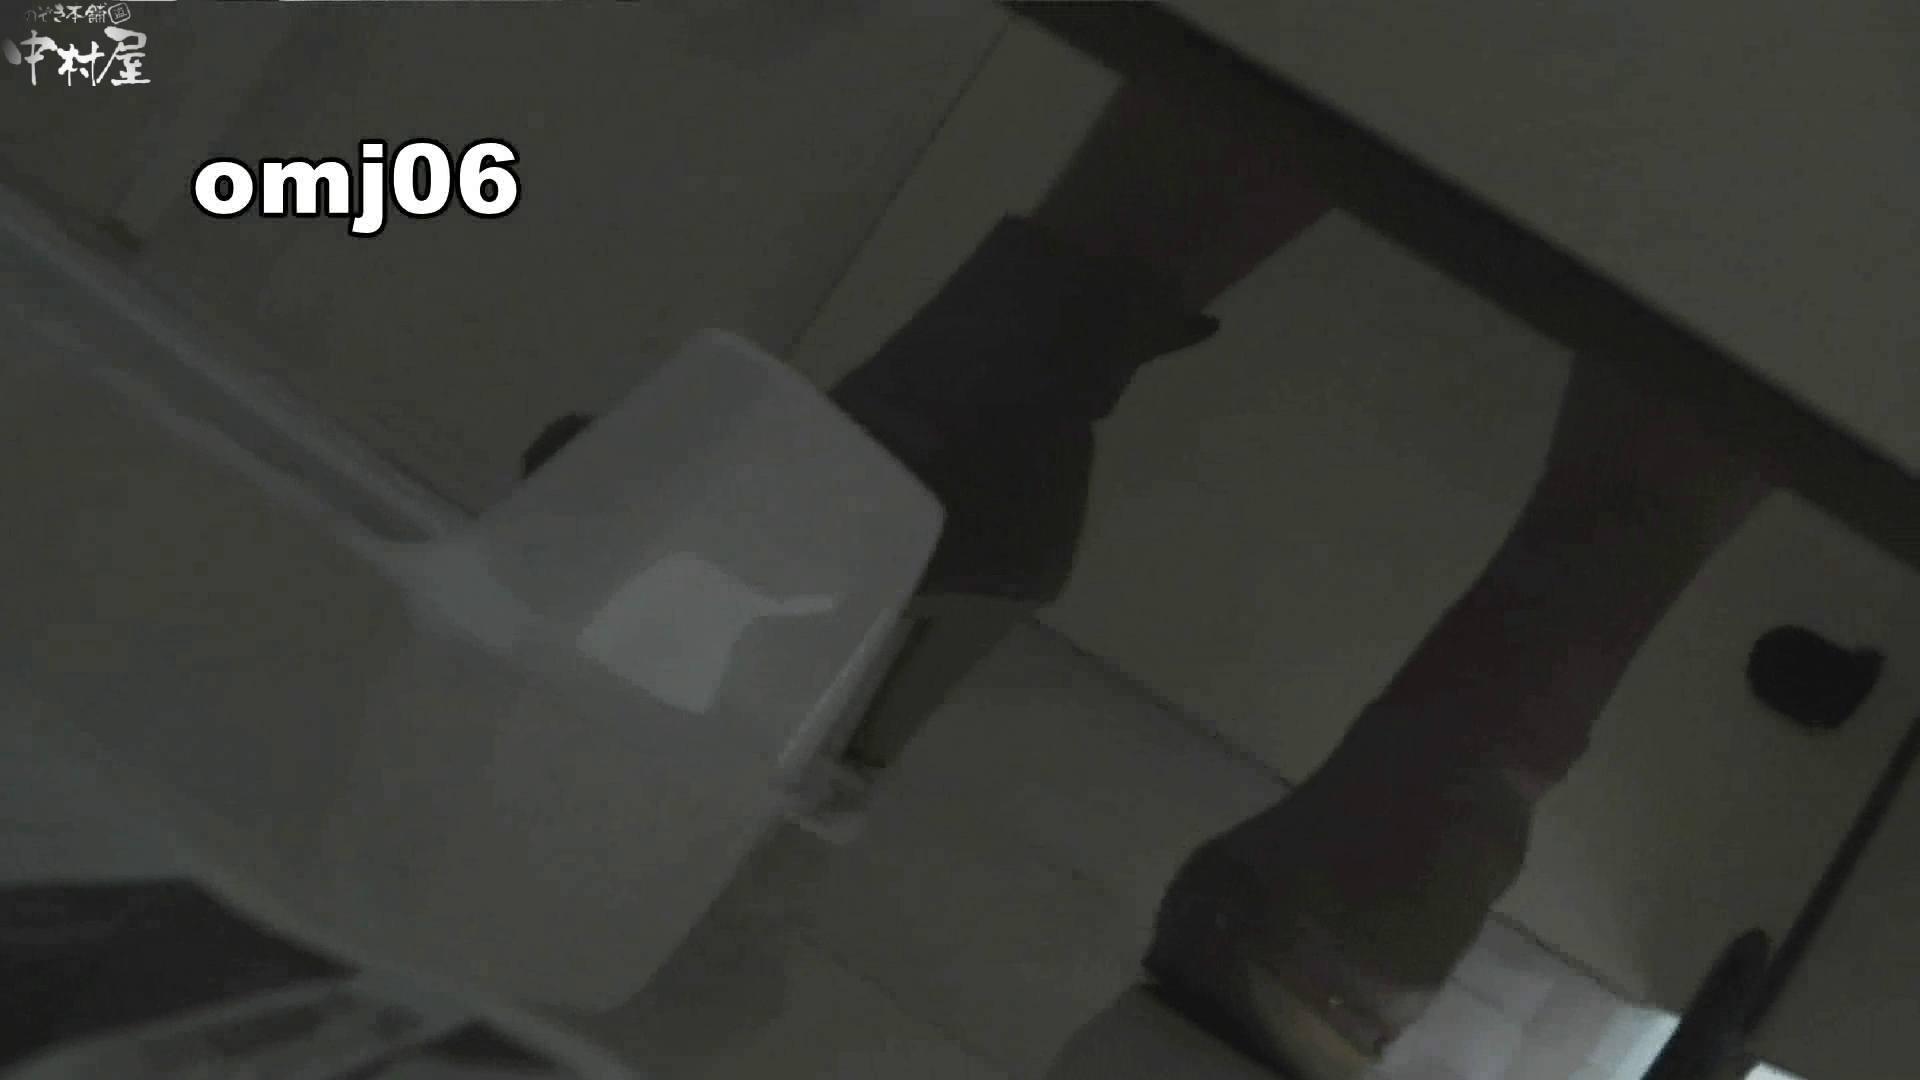 お市さんの「お尻丸出しジャンボリー」No.06 お尻 盗撮セックス無修正動画無料 49画像 21